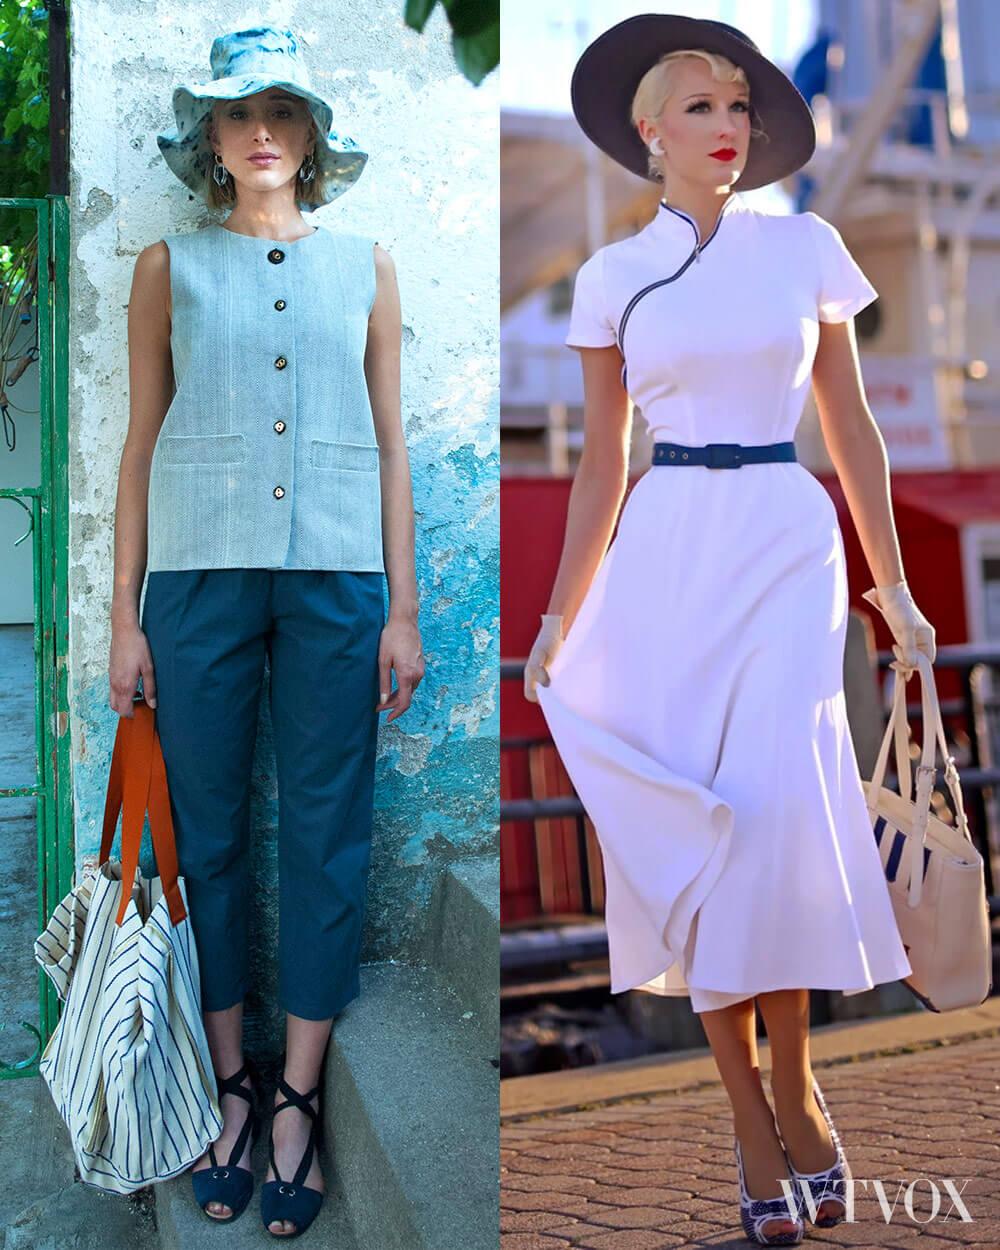 Vintage fall fashion trend